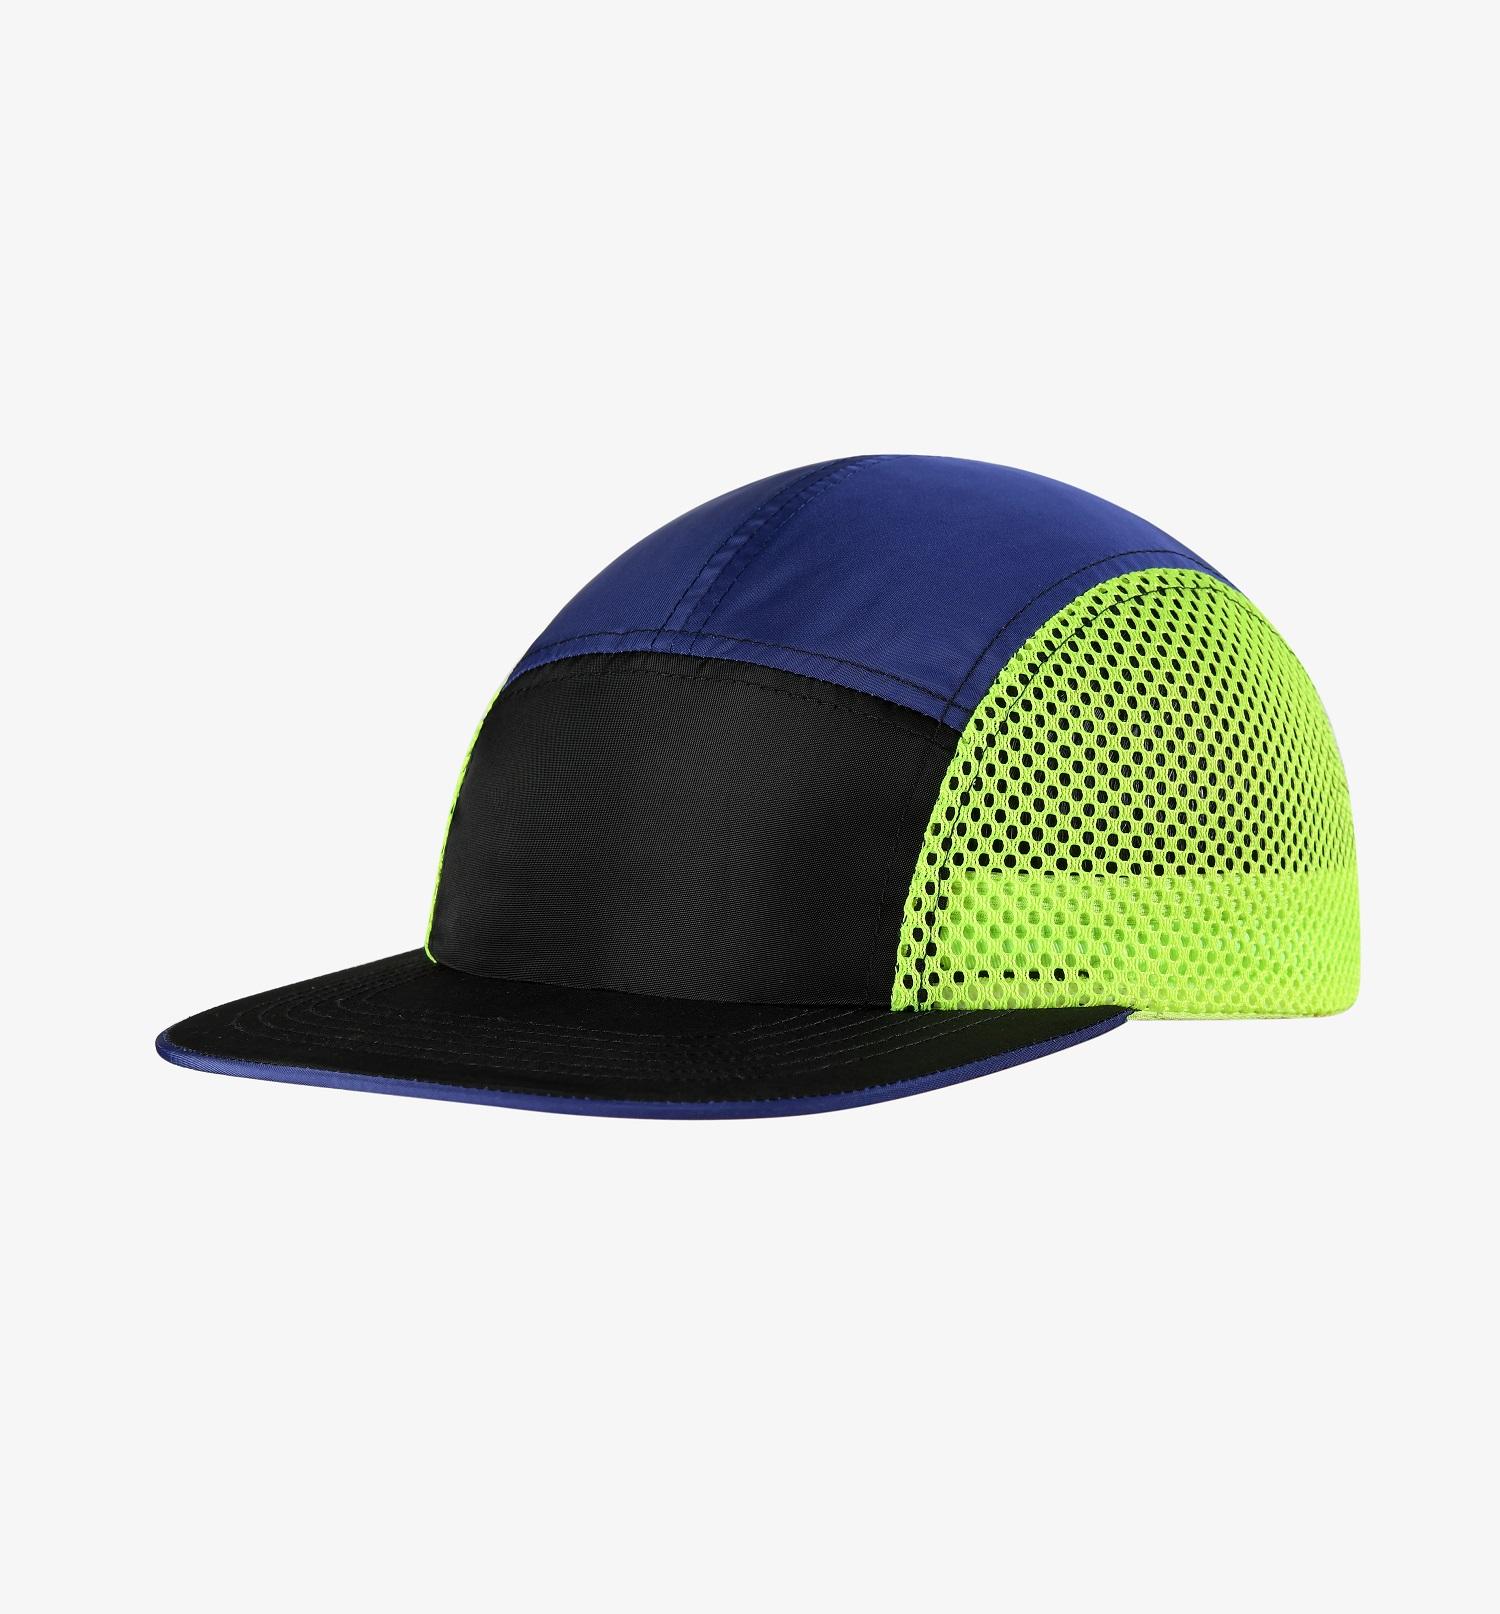 买帽子真的便宜没好货吗